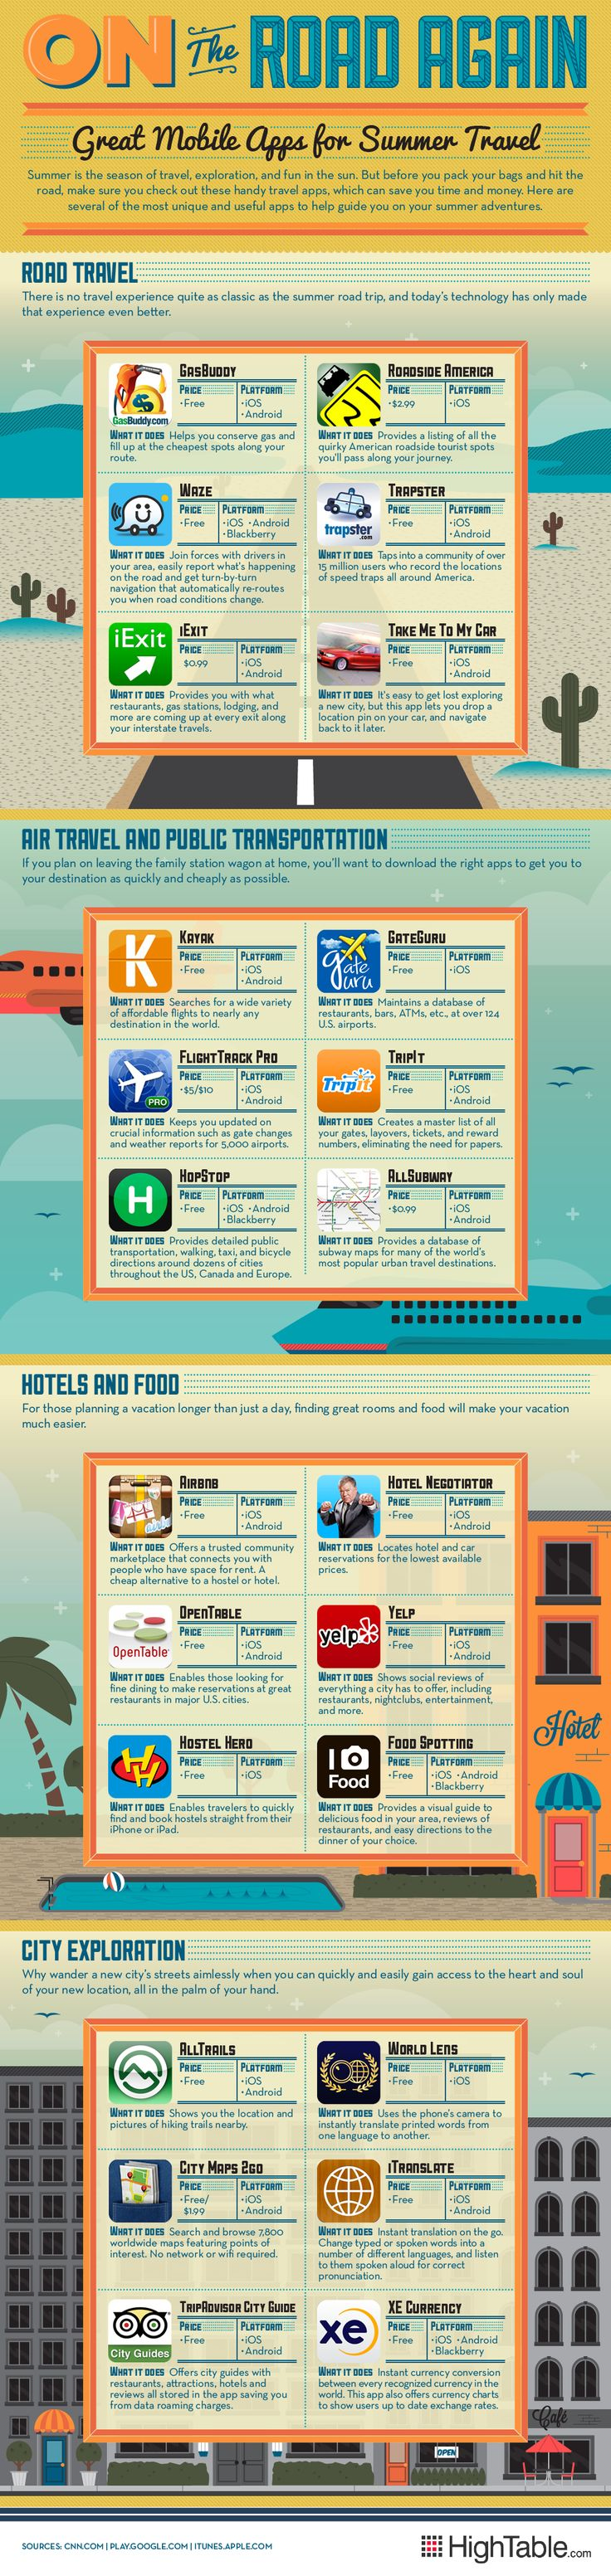 Aplicaciones para móviles para viajar este verano #infographic #verano #verano2012 #viajar